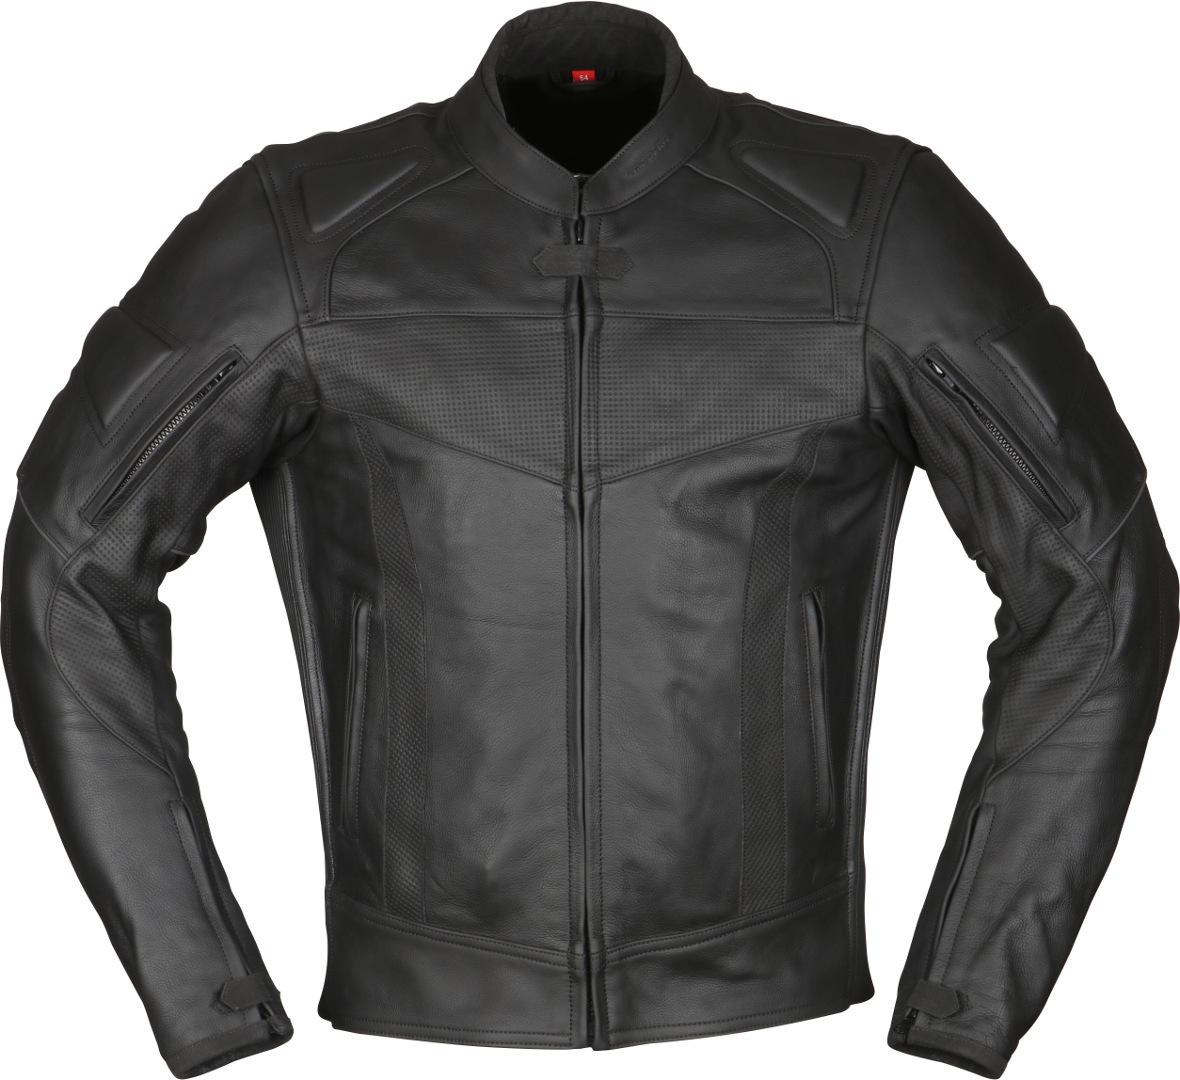 Modeka Hawking II Motorrad Lederjacke, schwarz, Größe 62, schwarz, Größe 62